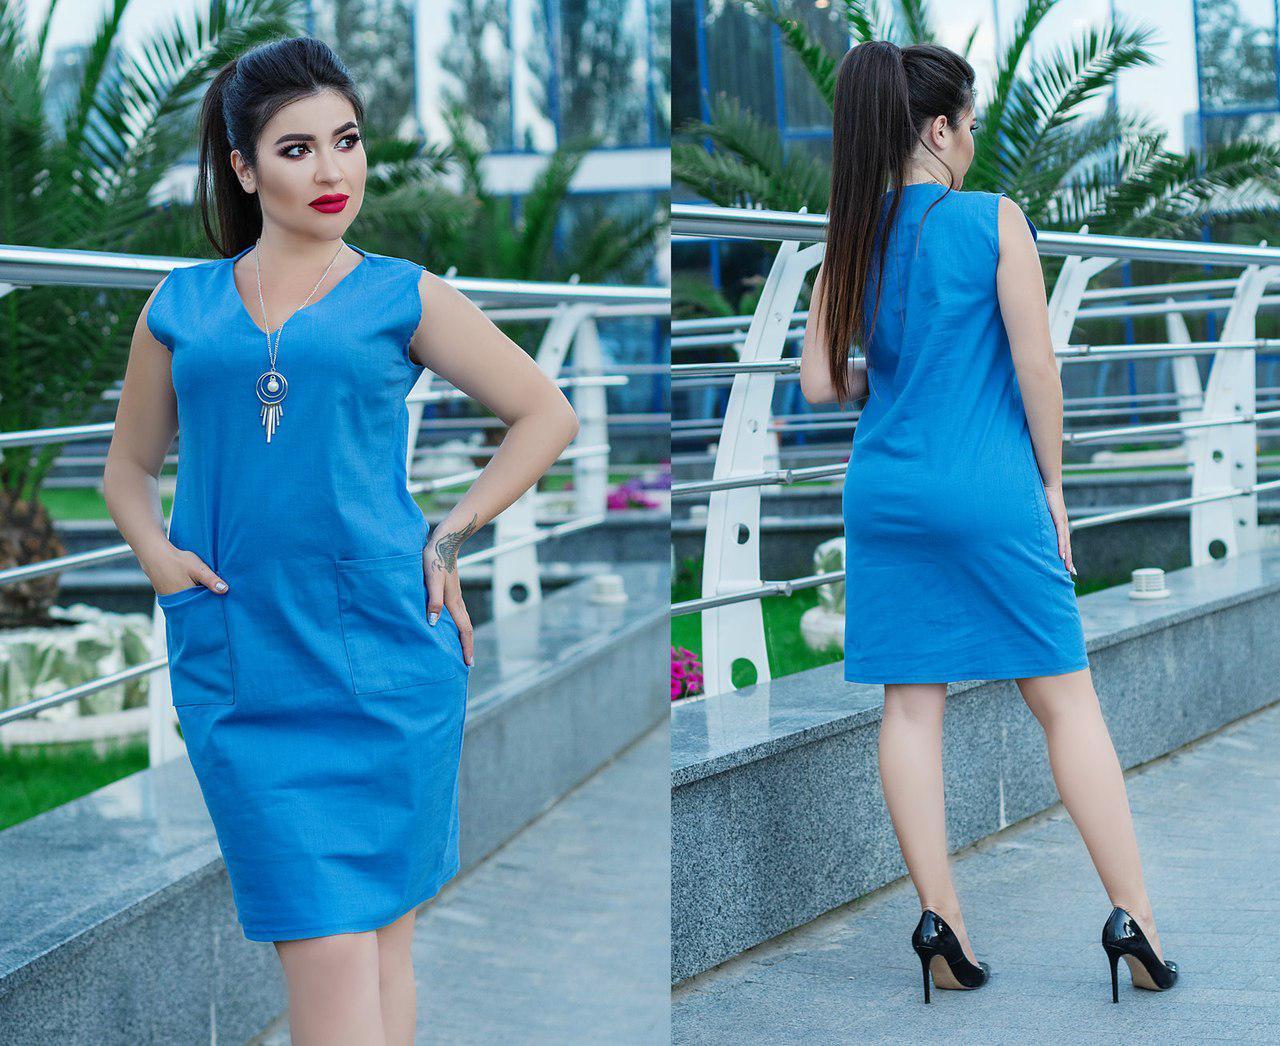 Летнее льняное платье больших размеров 50+ с карманами, в подарок кулон / 4 цвета арт 5814-178